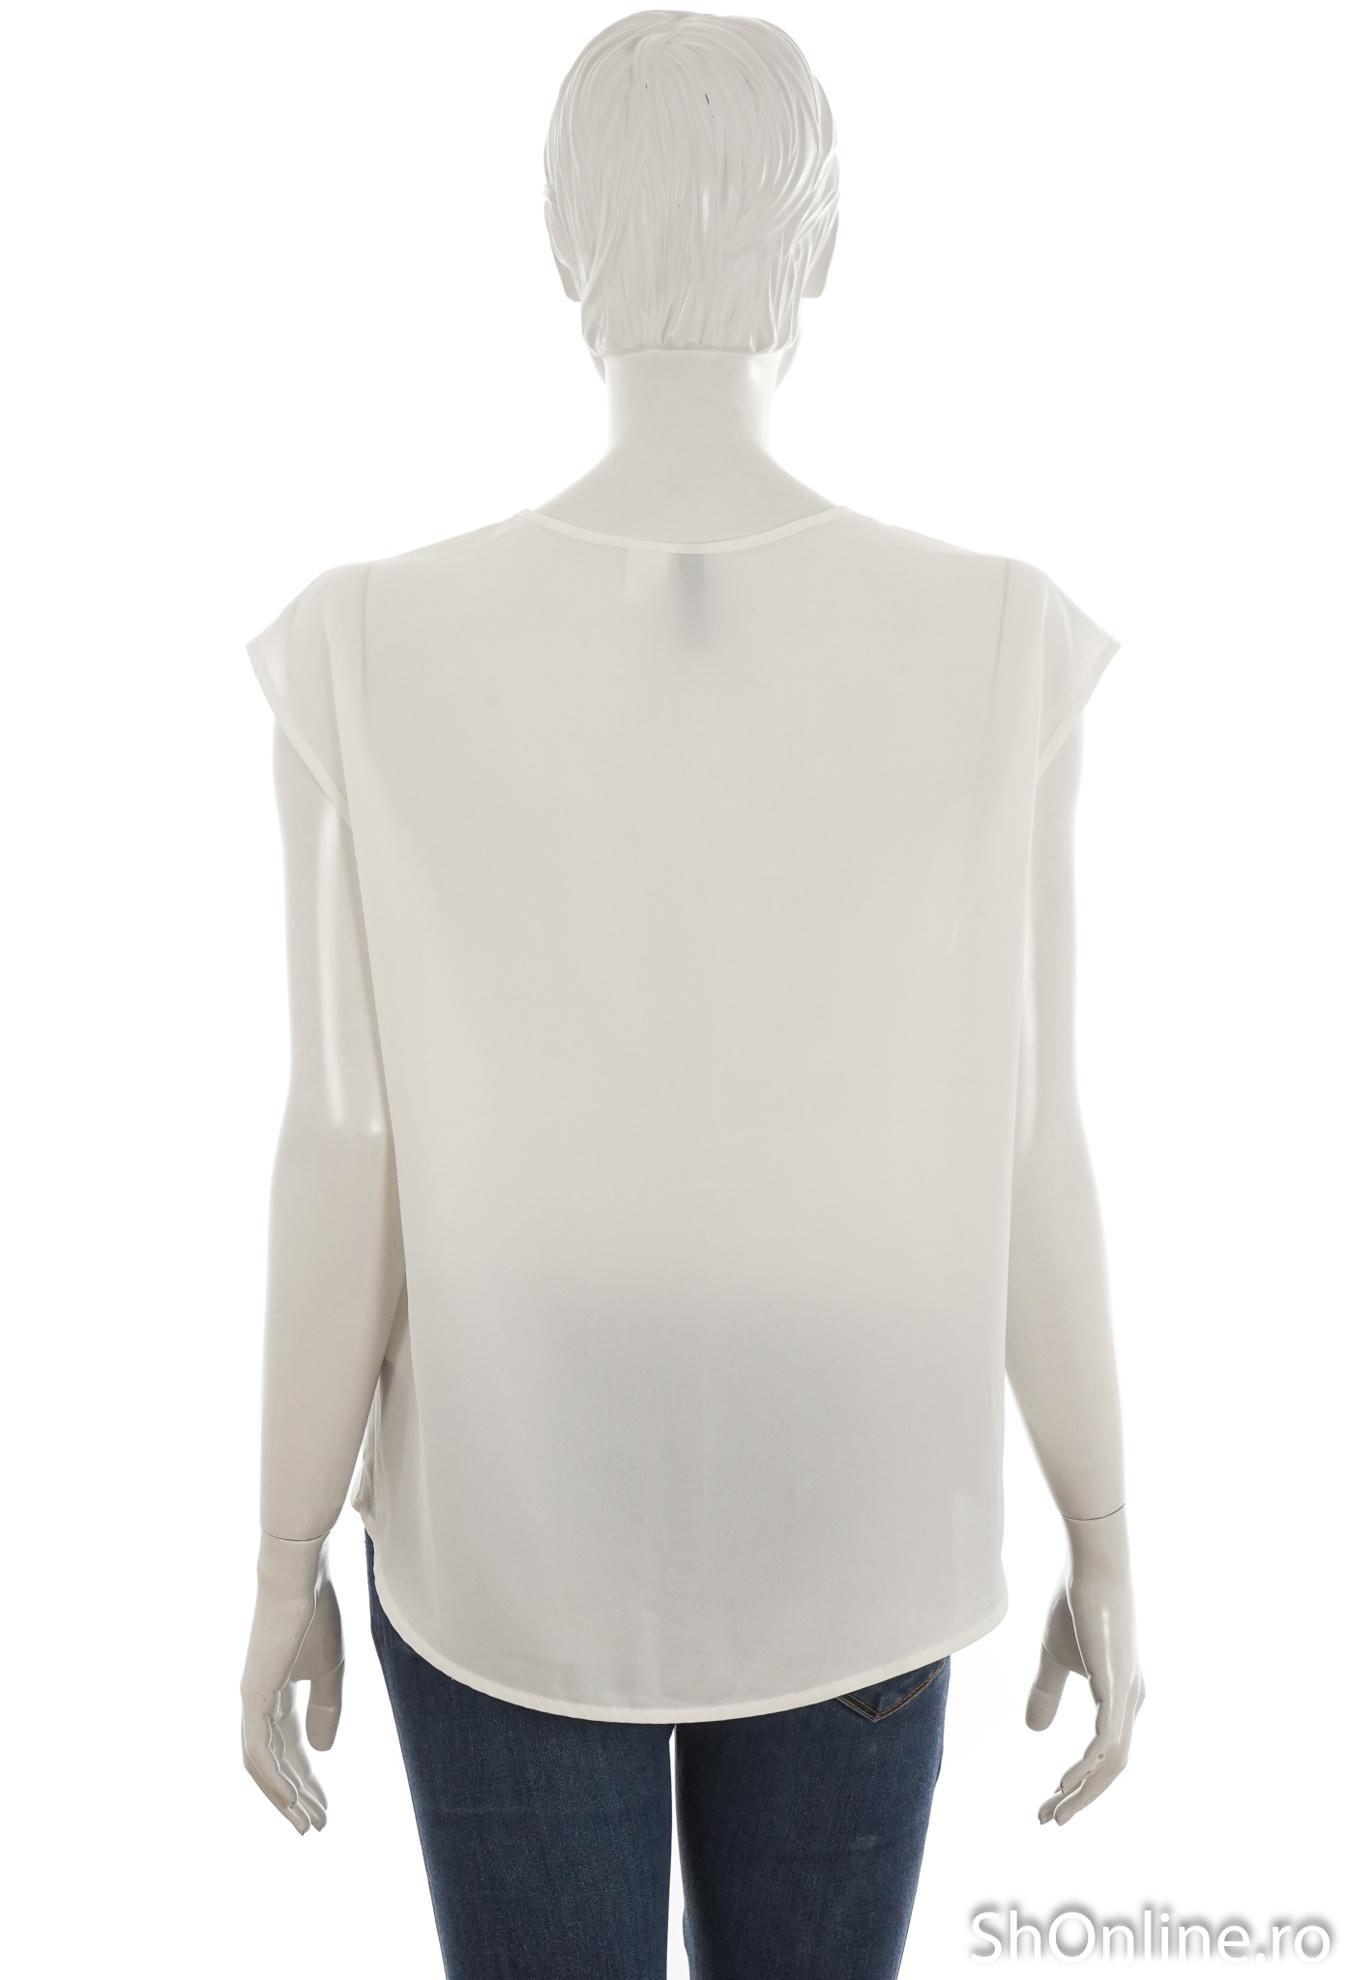 Imagine Bluză damă H&M mărimea 38